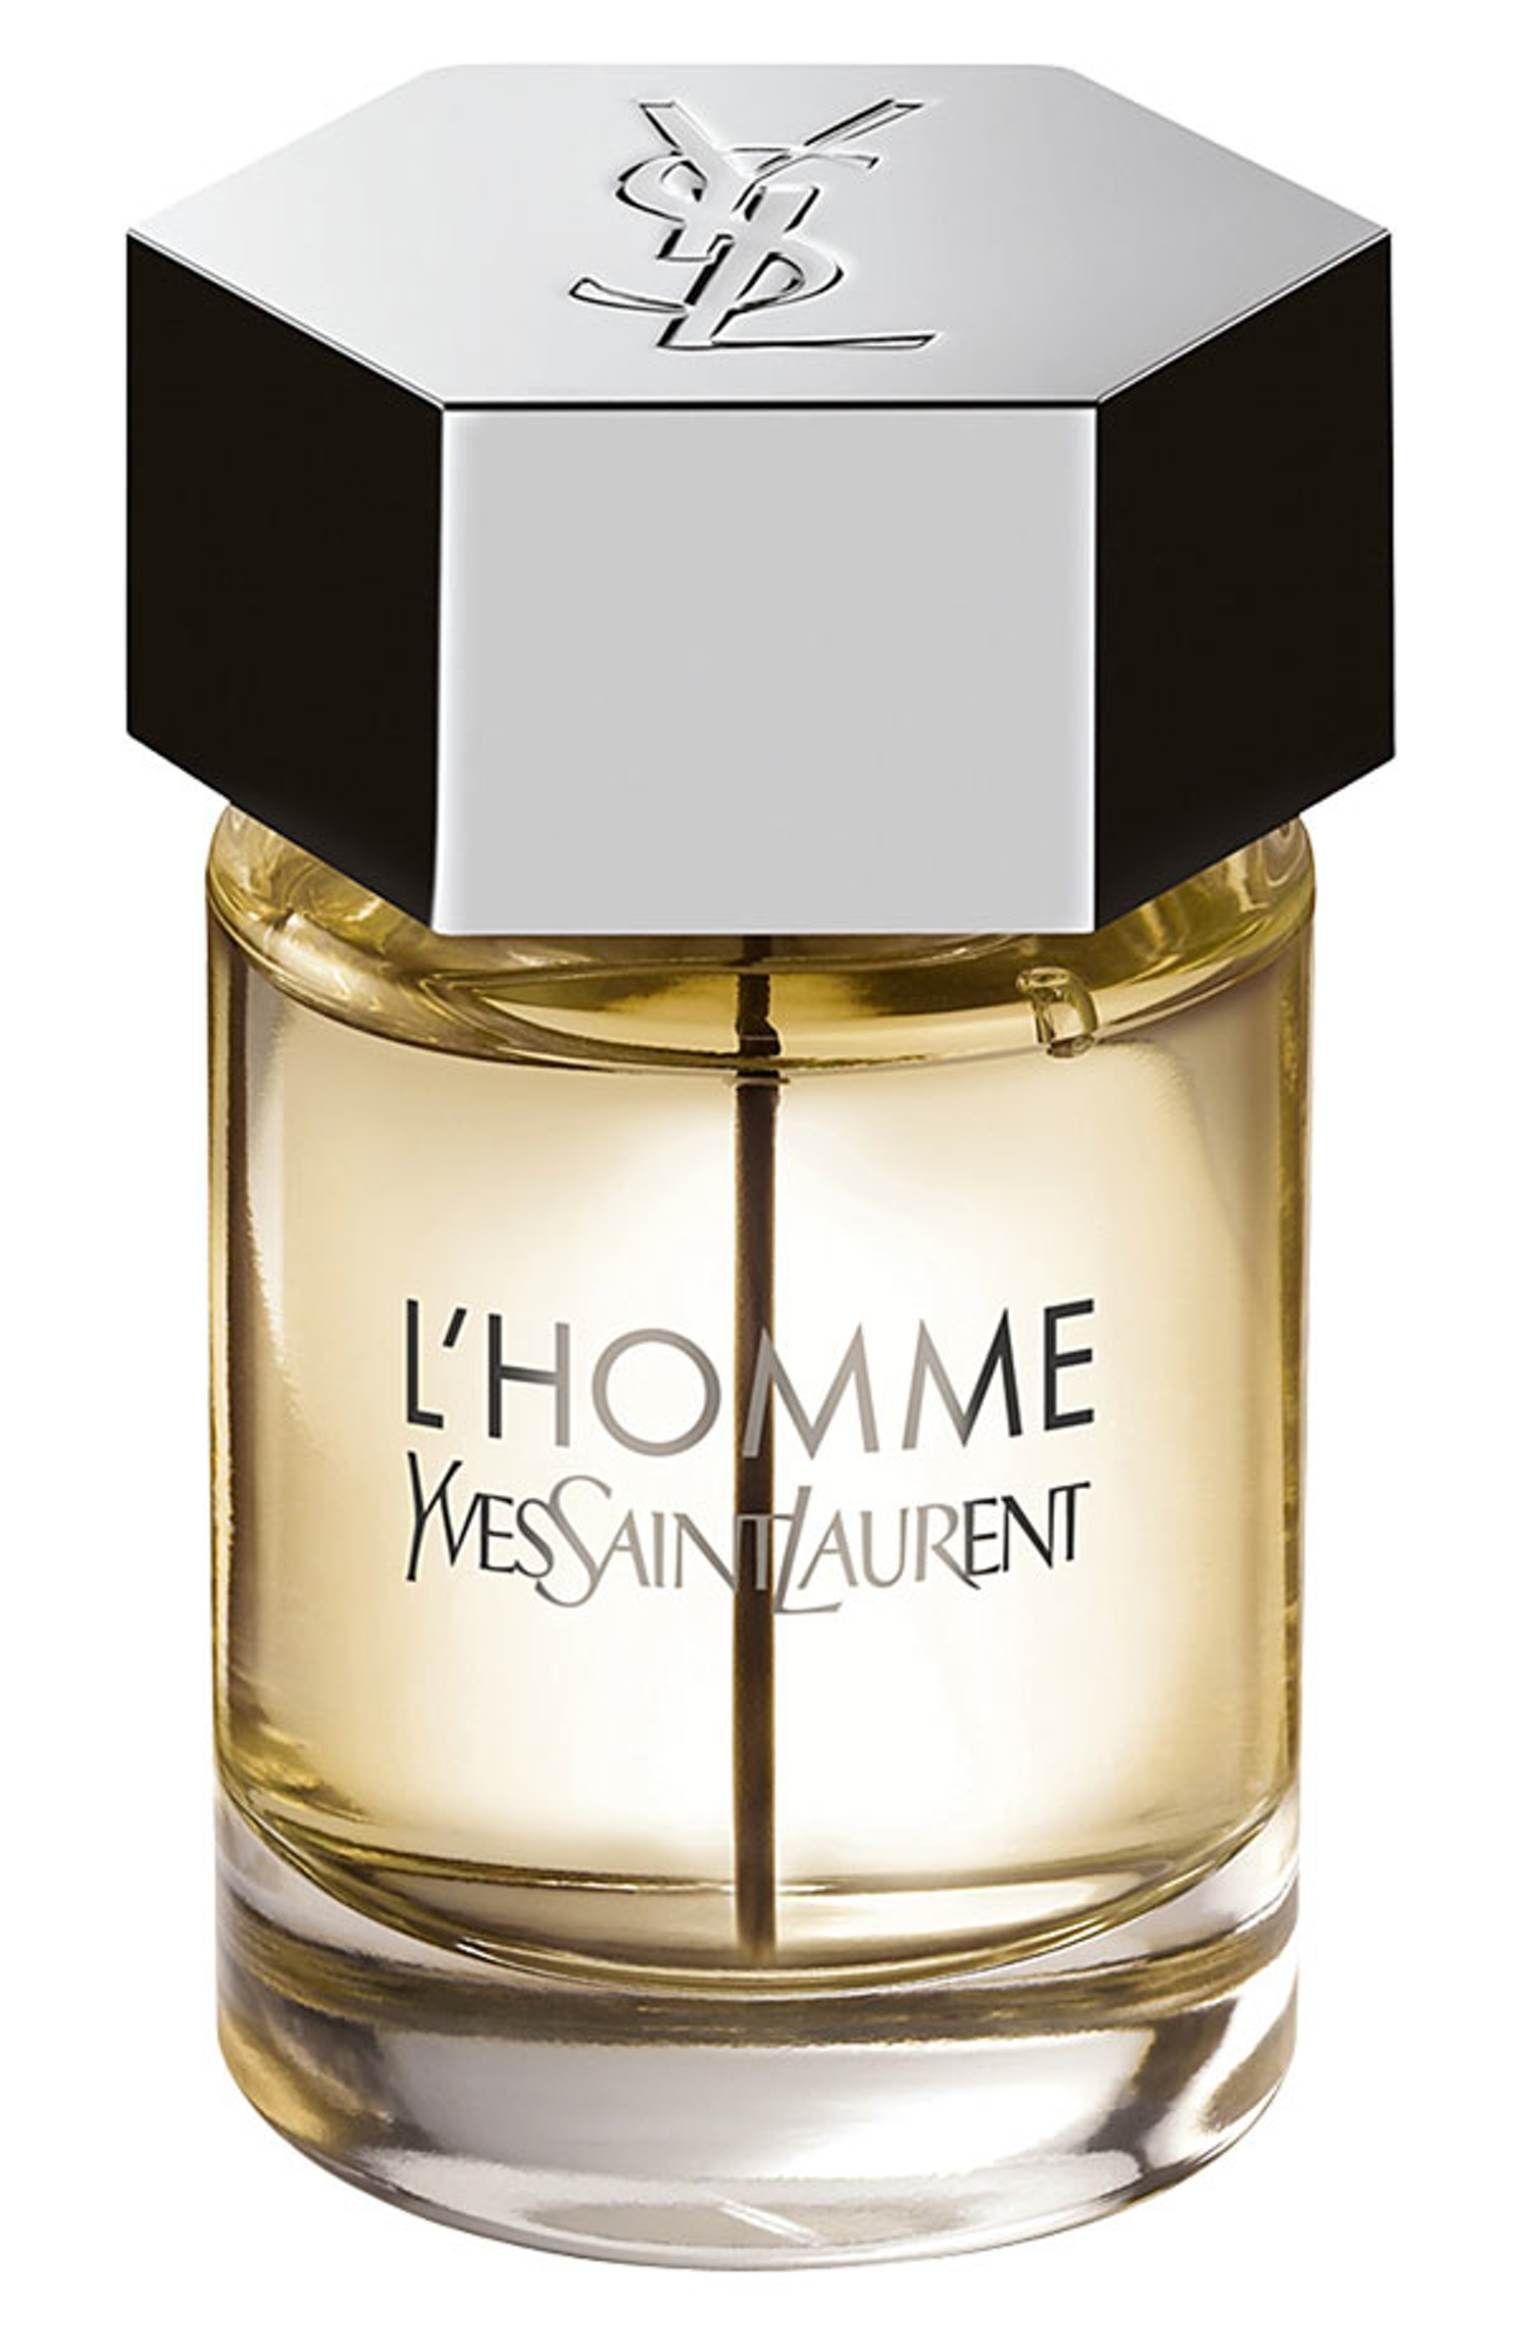 Main Image Yves Saint Laurent L Homme Eau De Toilette Perfume Men Perfume Perfume And Cologne